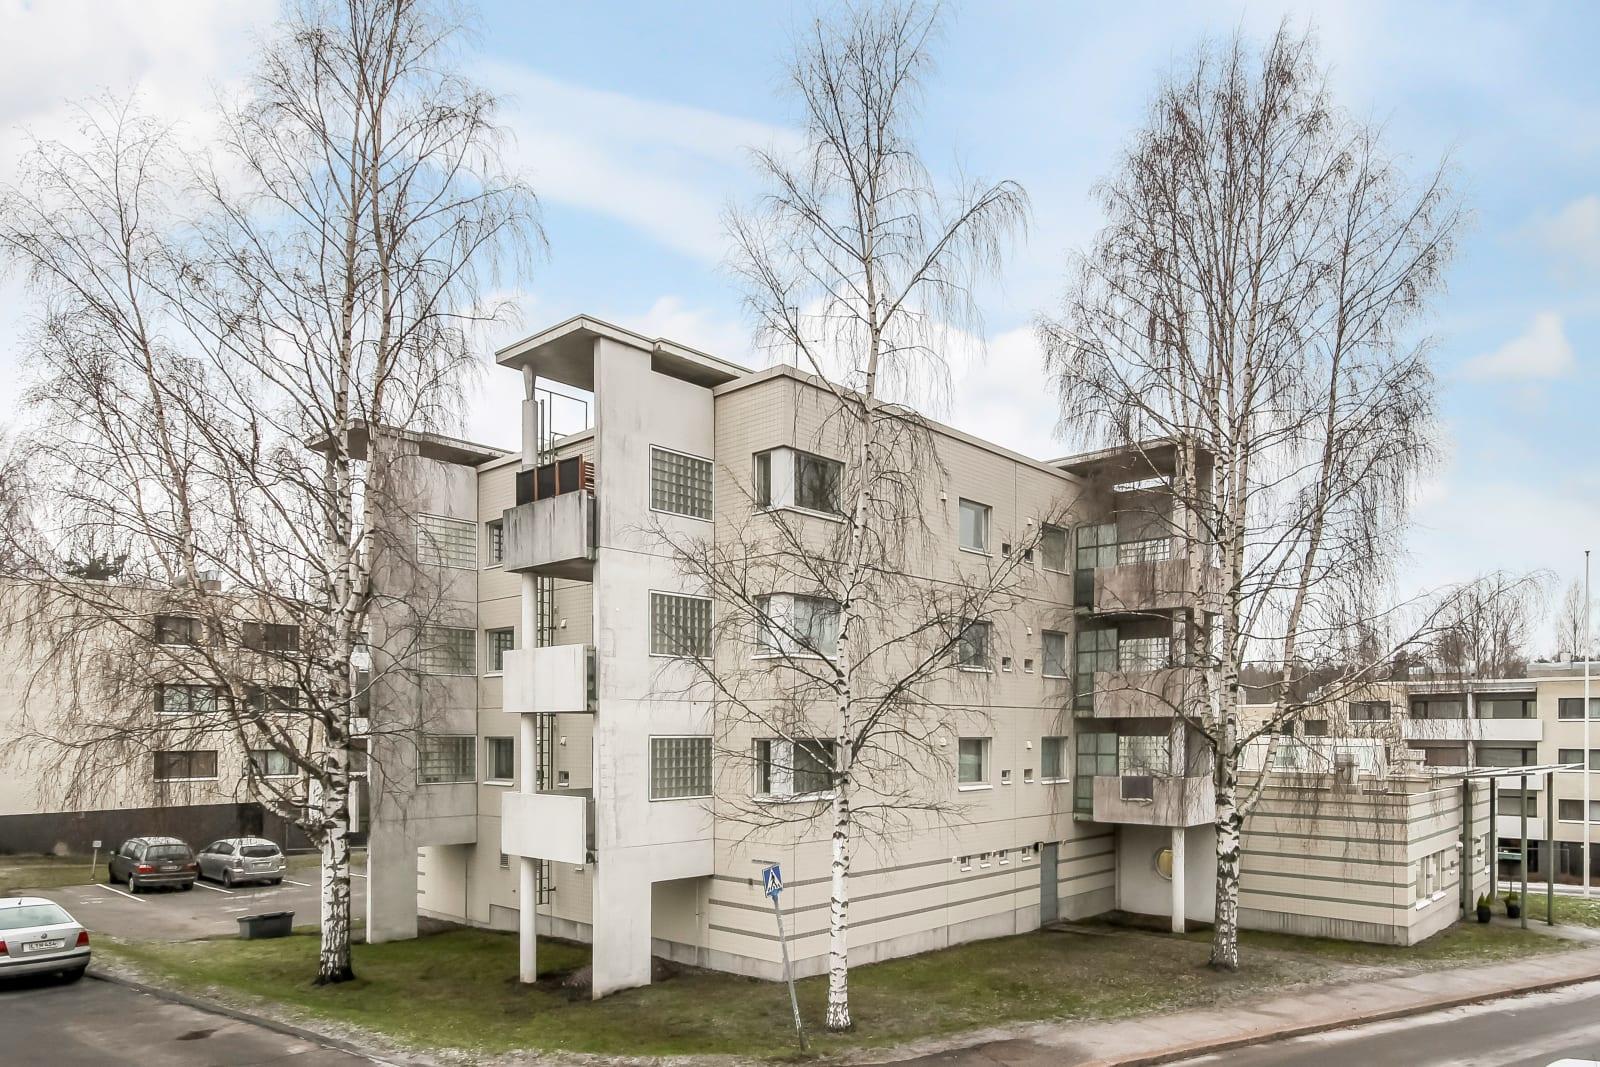 Helsinki, Pitäjänmäki, Piispantie 7